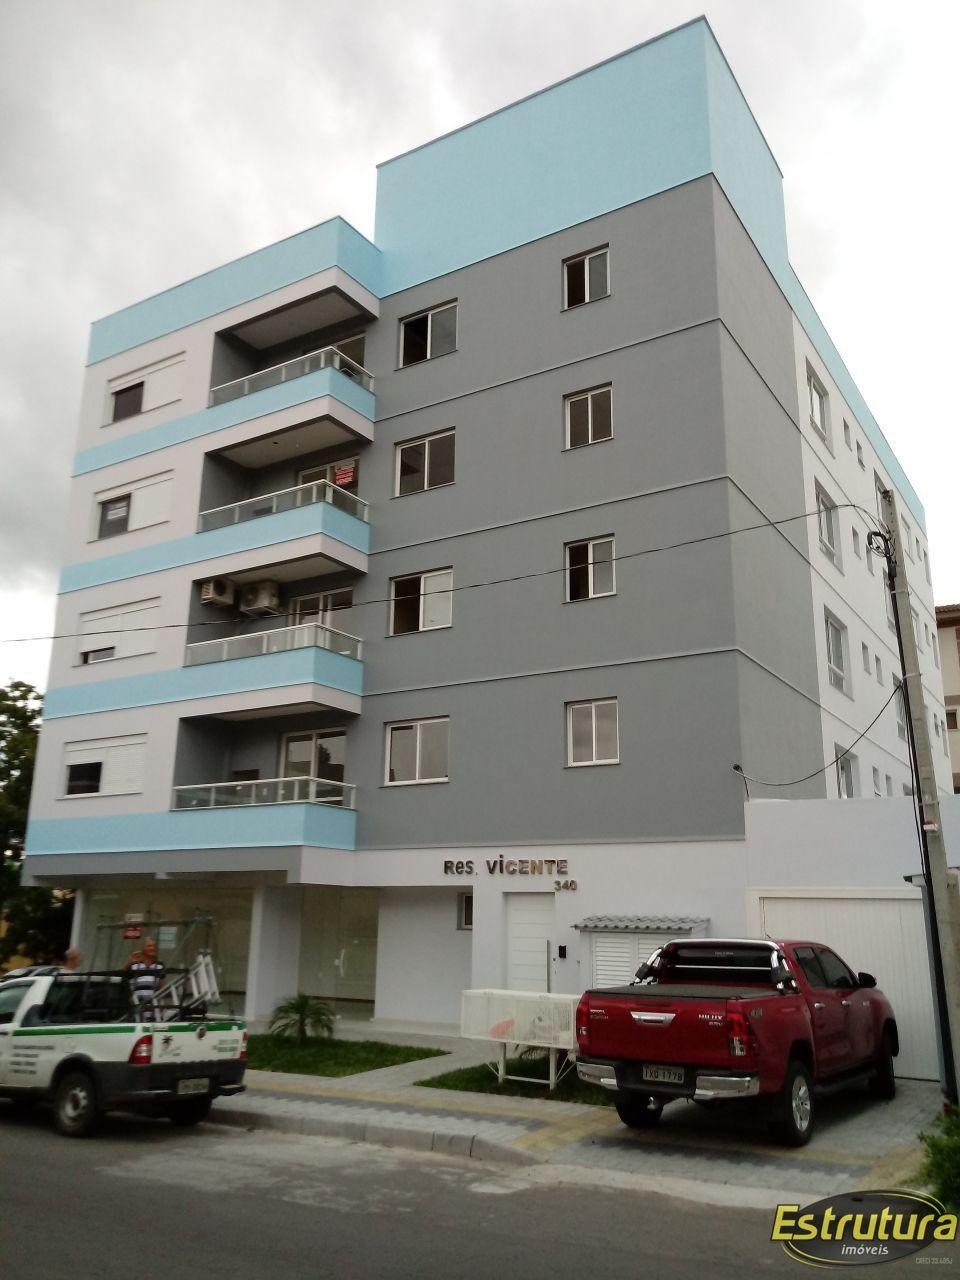 Apartamento com 2 Dormitórios à venda, 72 m² por R$ 350.000,00